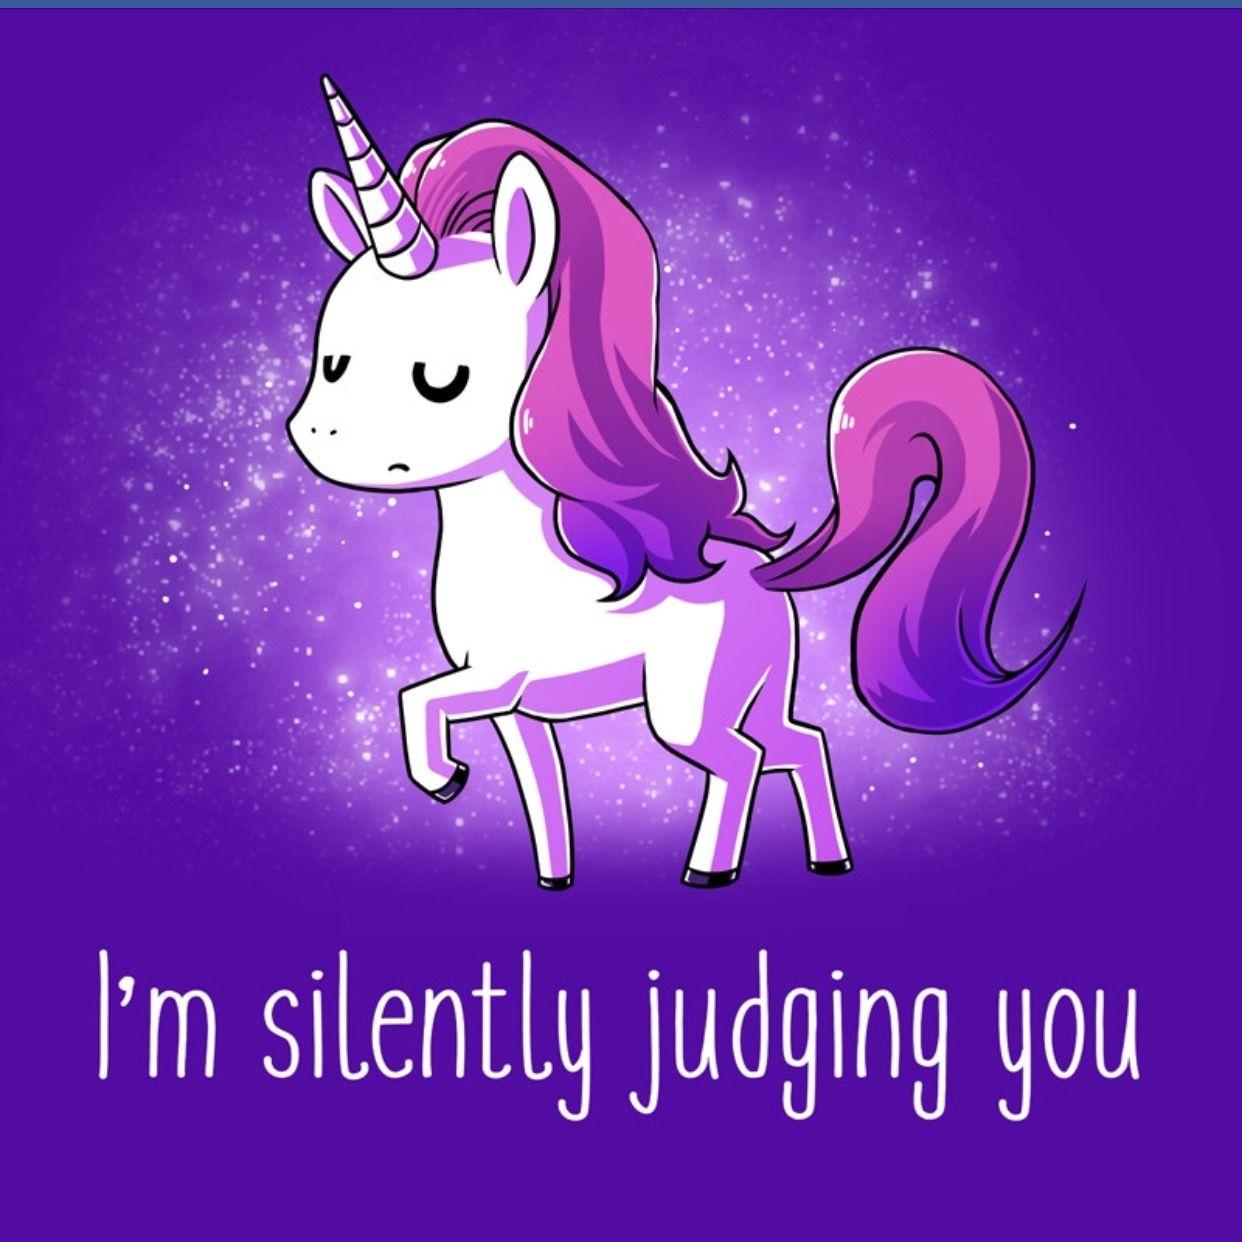 Pin By Alicja On Art T Unicorn Purple And Animated Unicorn